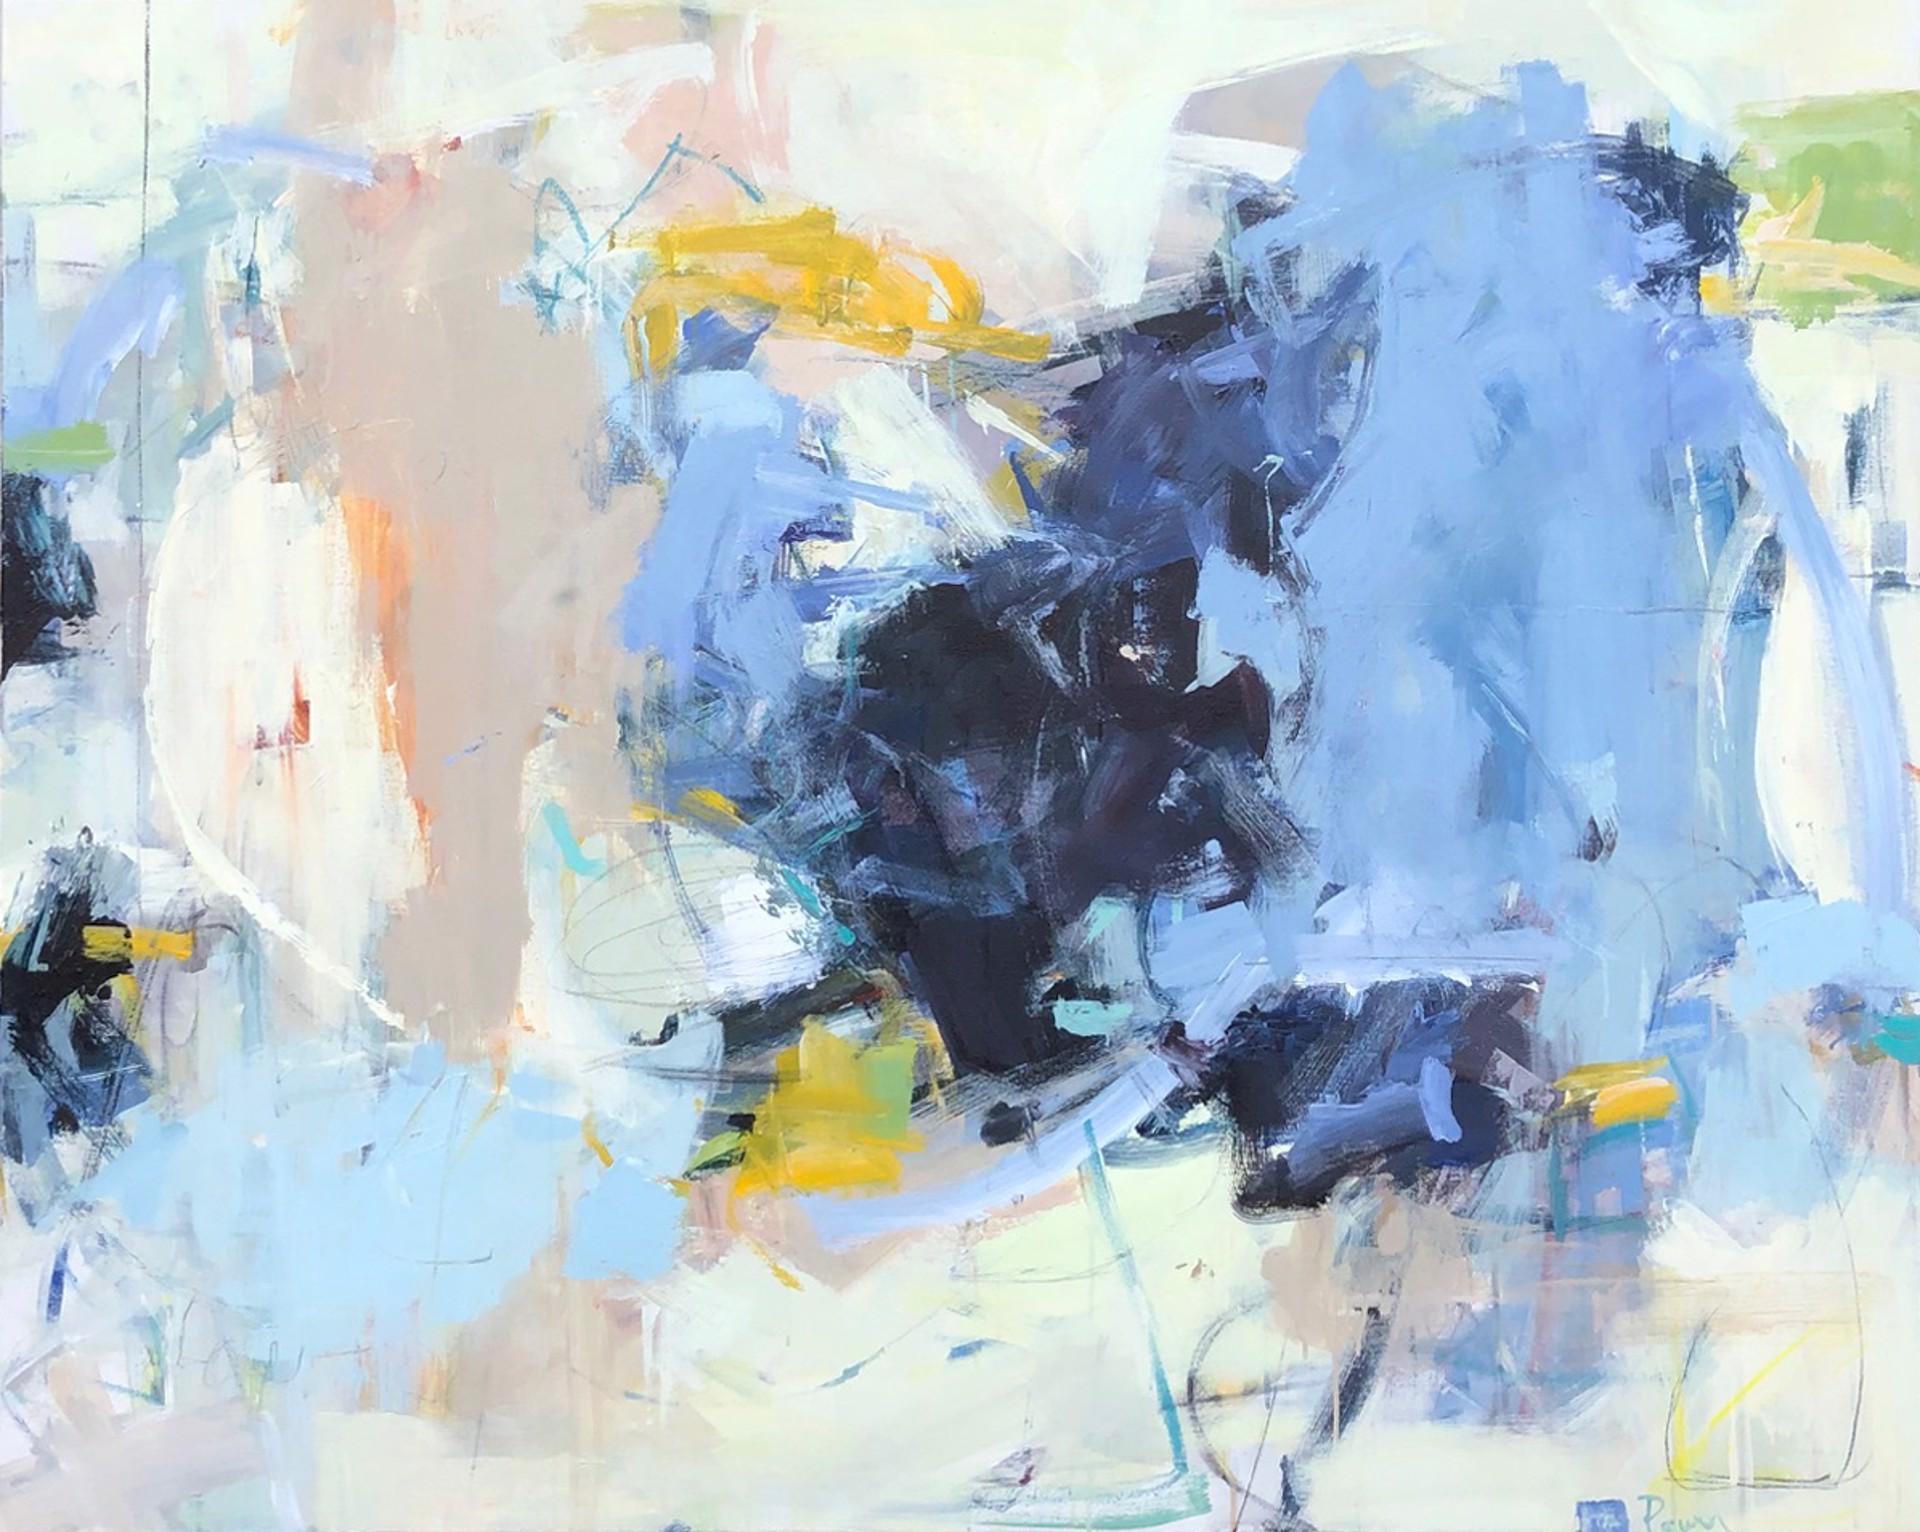 Low Tide by Eileen Power